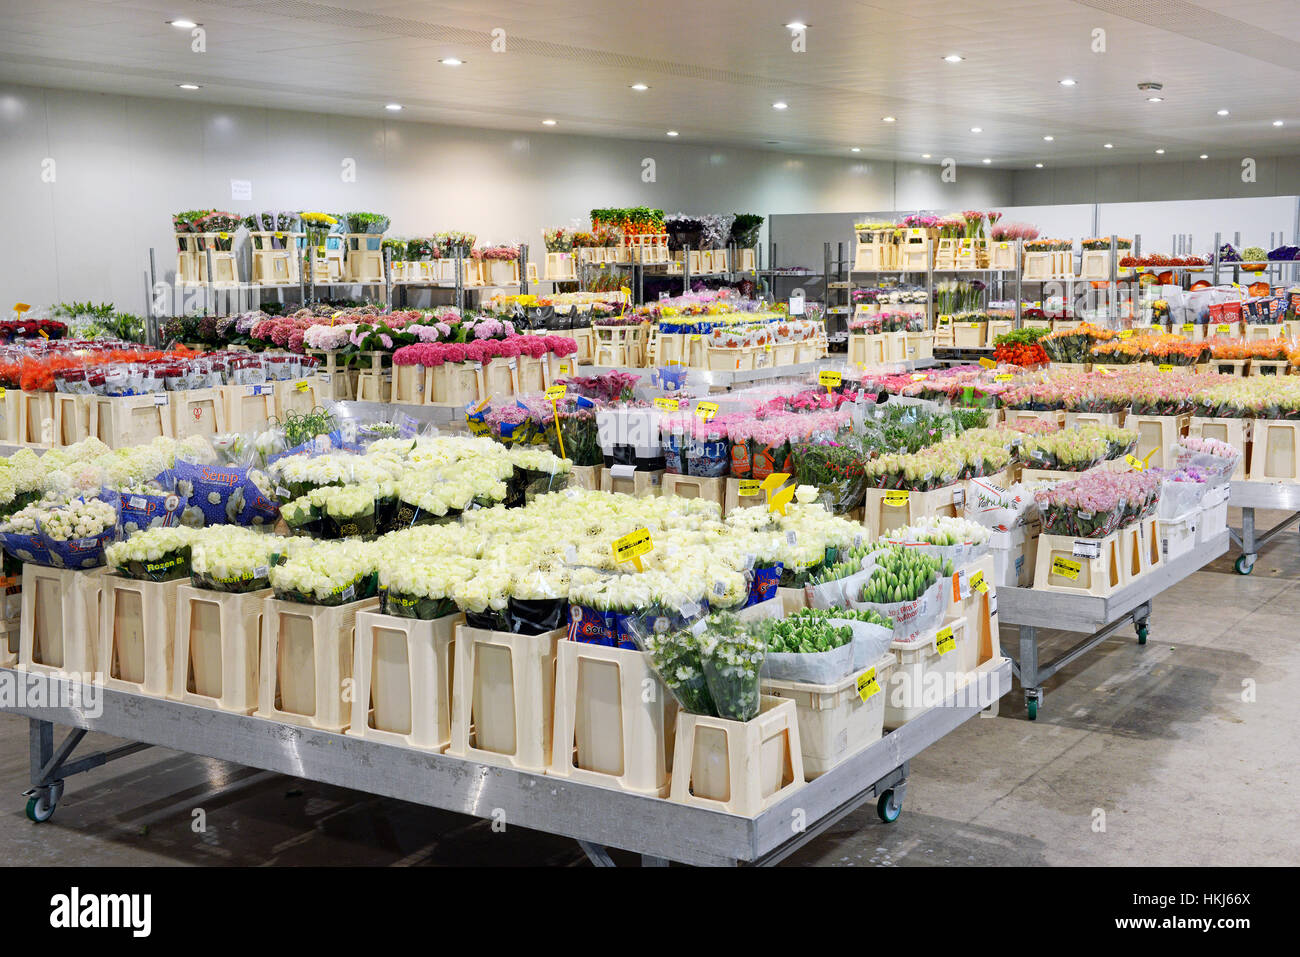 Grande negozio di fiori con molte luci sul soffitto e cesti di varie